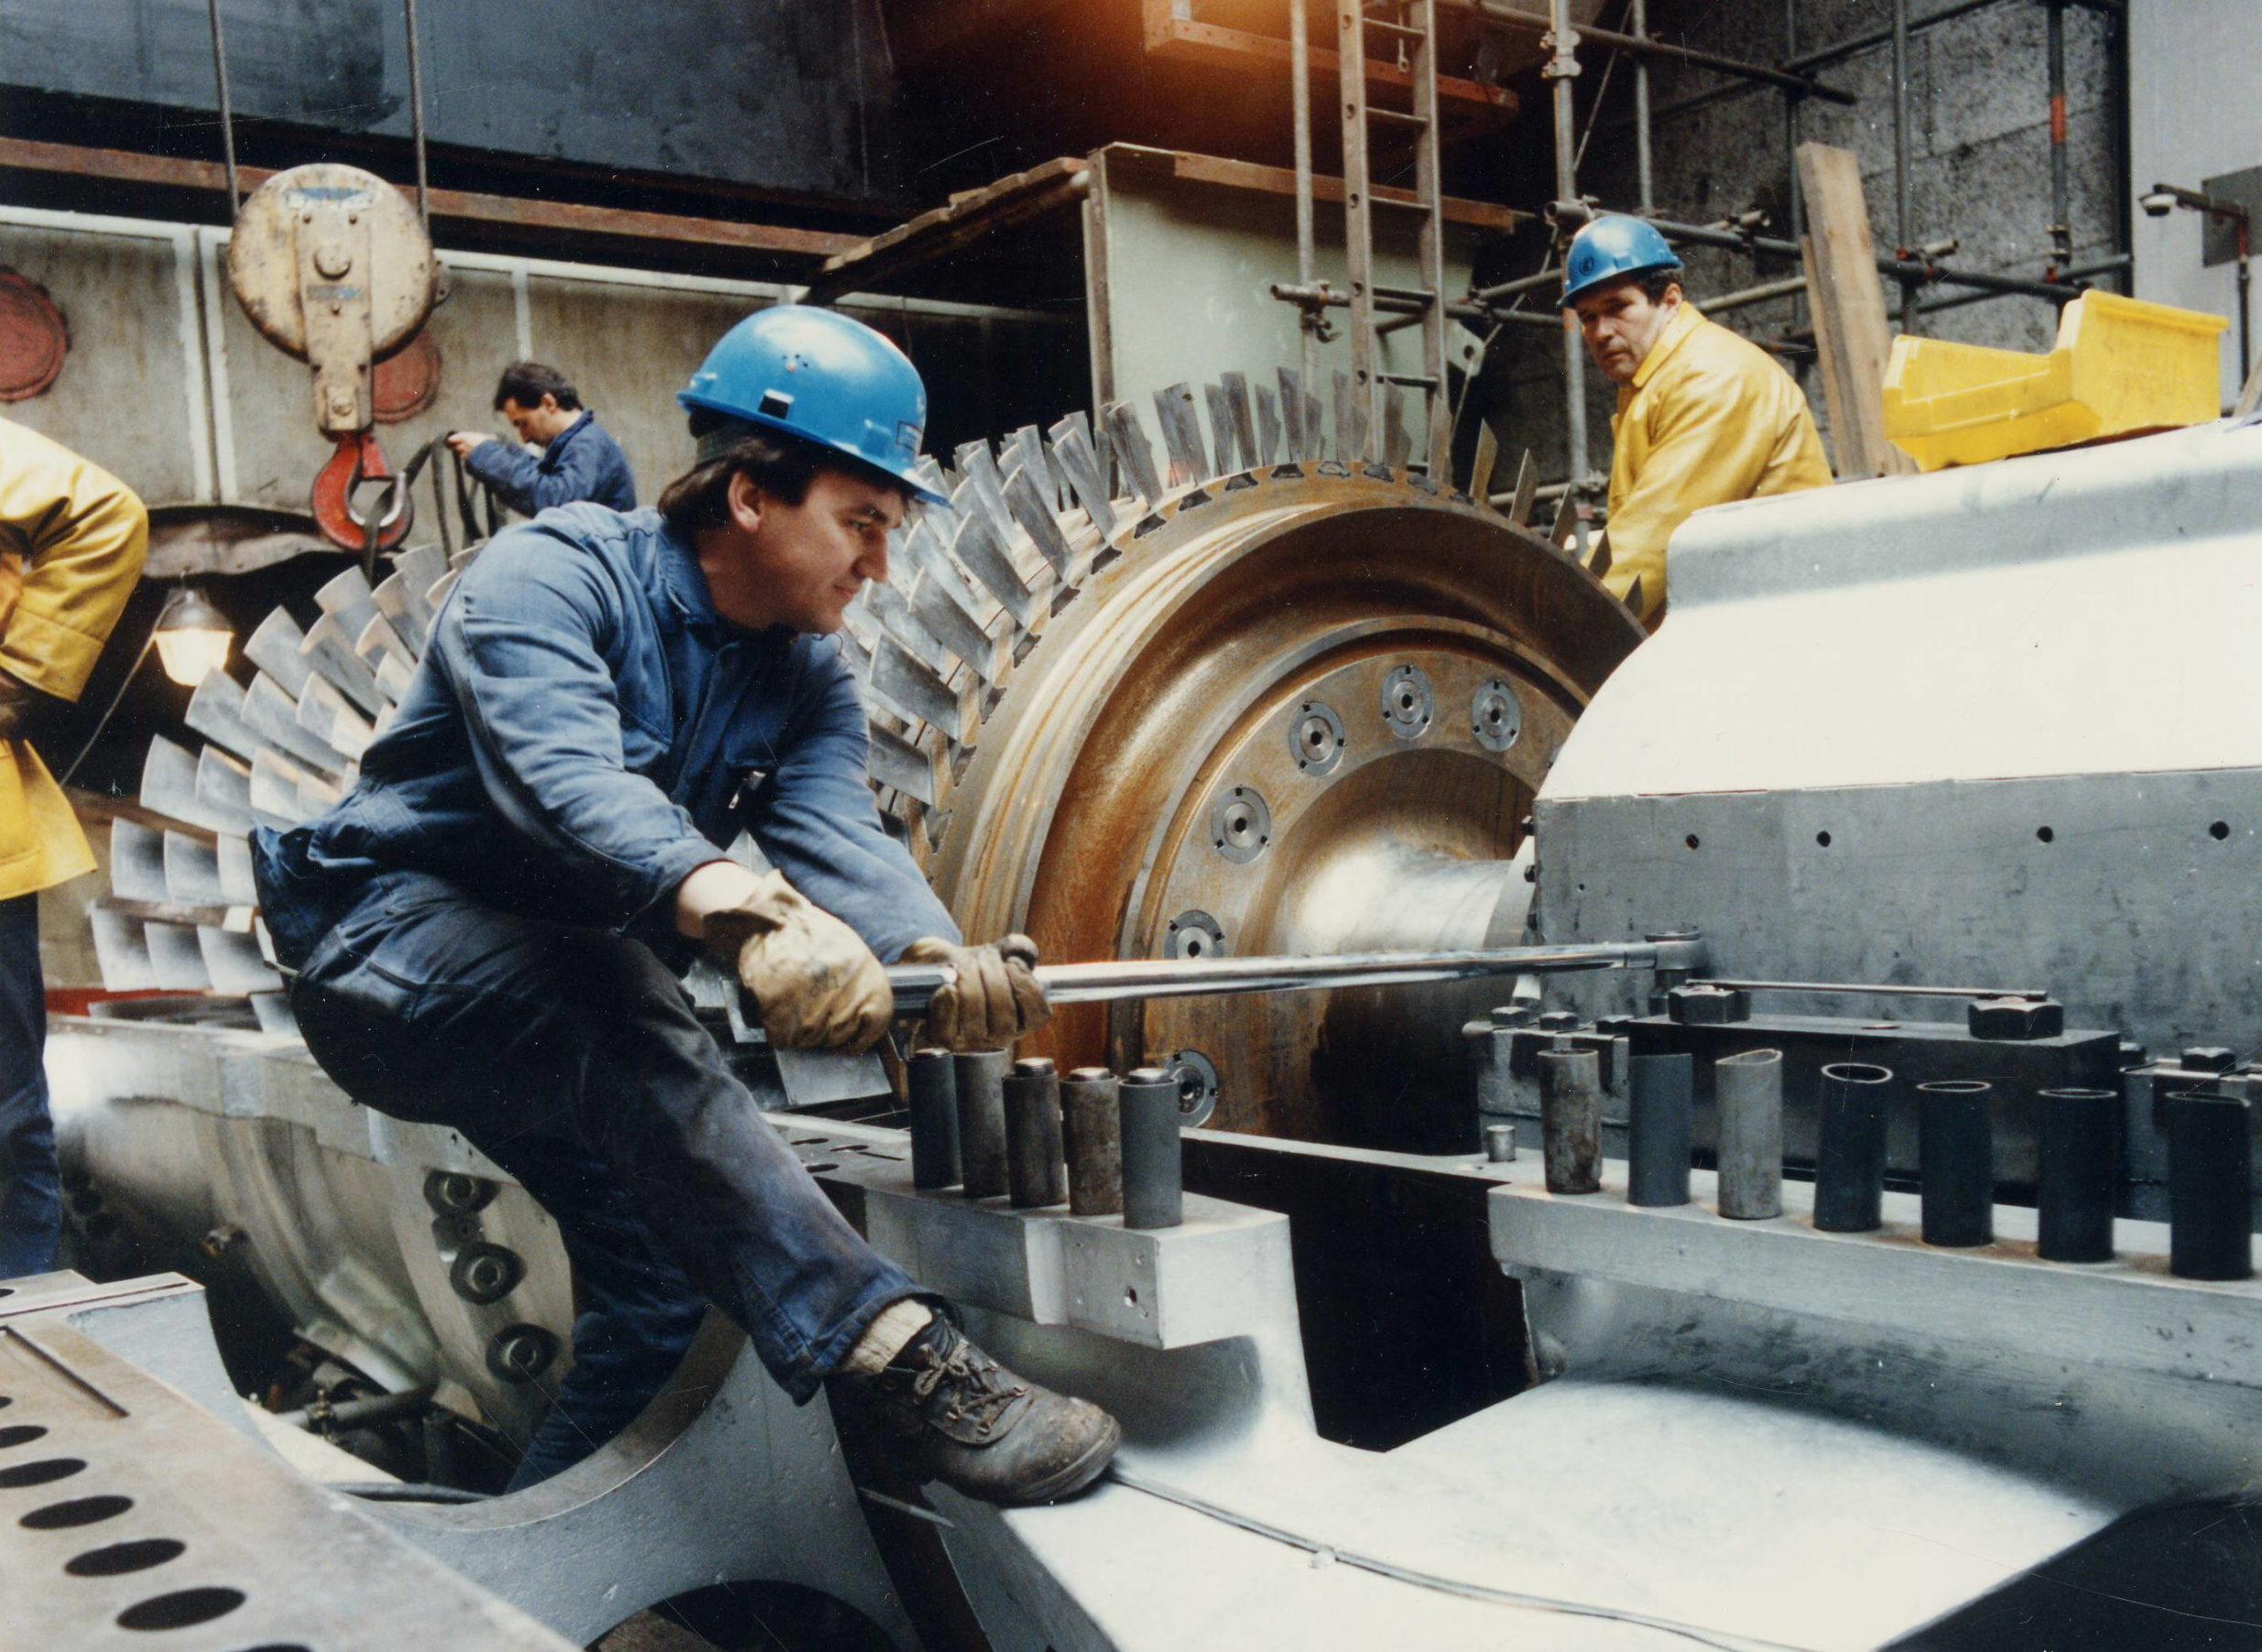 Heizkraftwerk Wilmersdorf: Reparaturarbeiten an einer Gasturbine, 1992. Foto: Vattenfall/Bewag Archiv/Ludwig Preiß